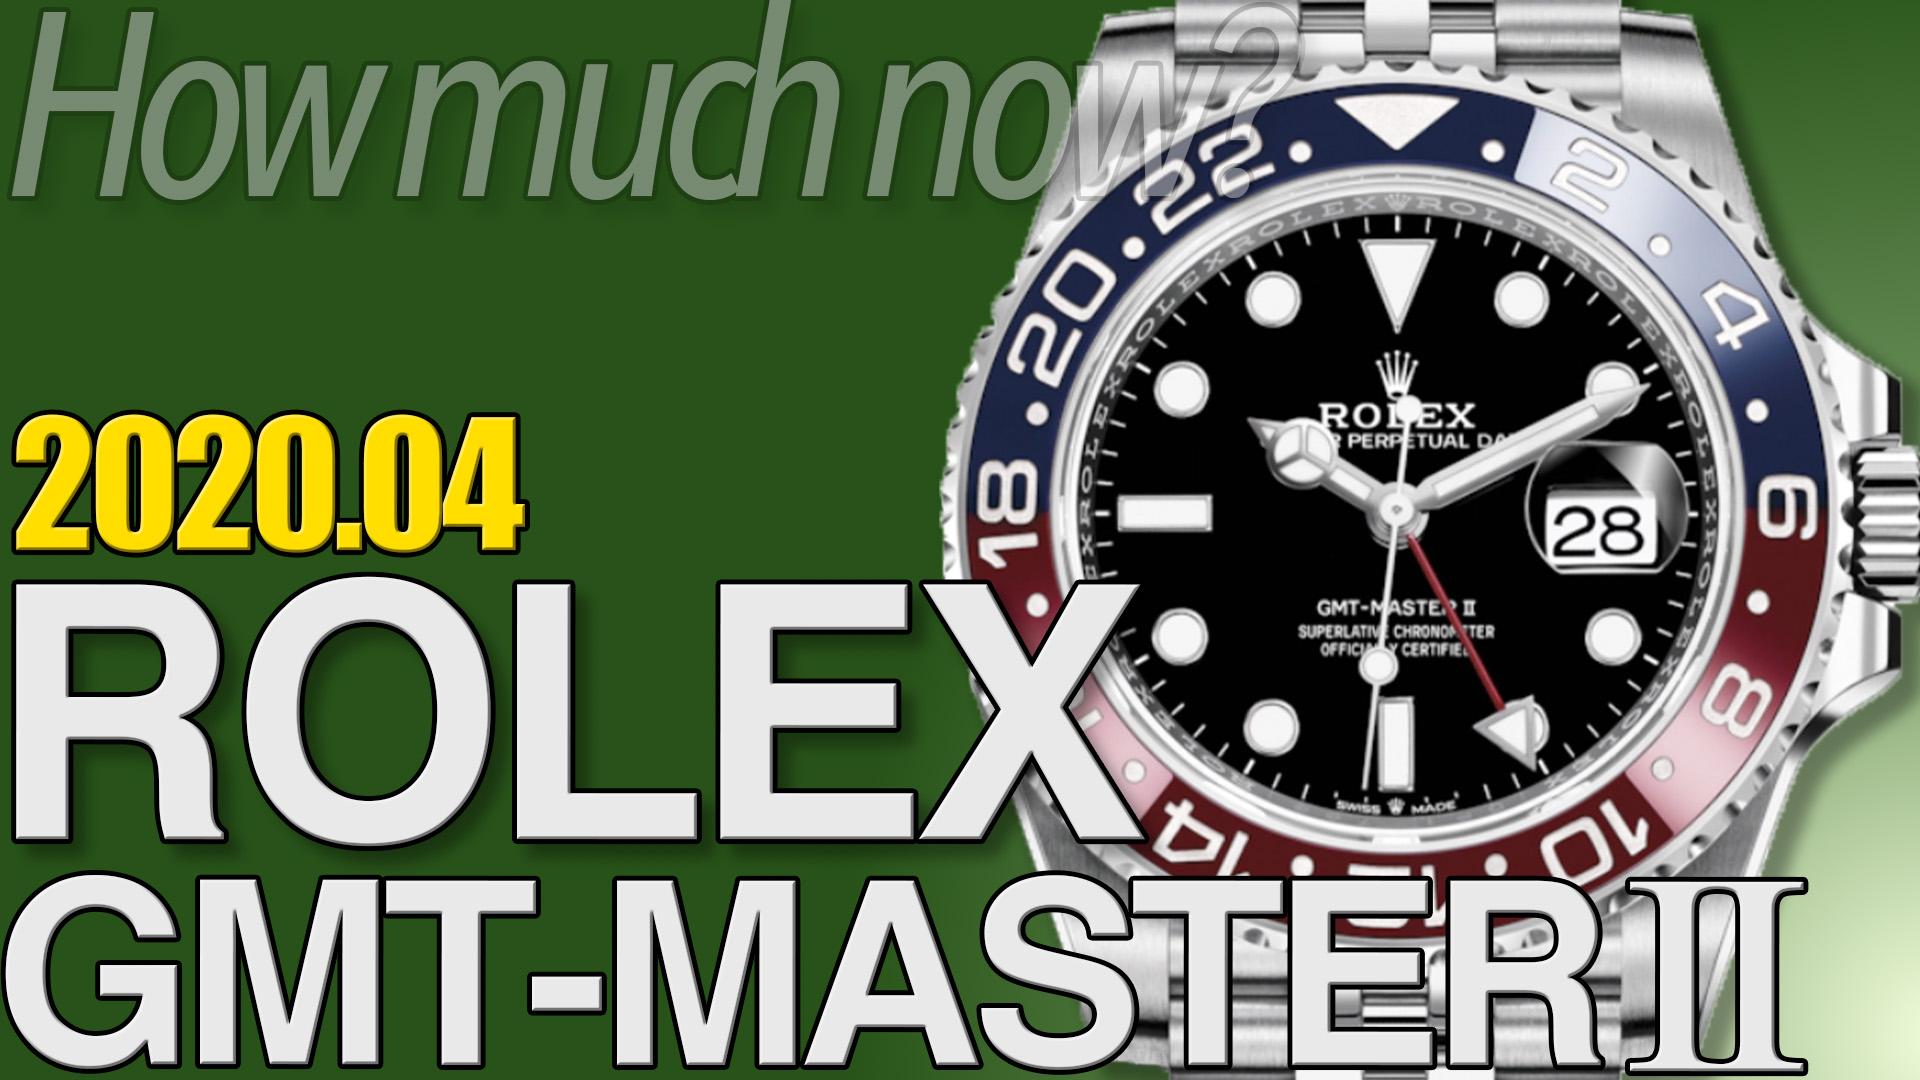 GMTマスター2買取相場まとめ 2020年4月版 |ロレックス時計の価格情報